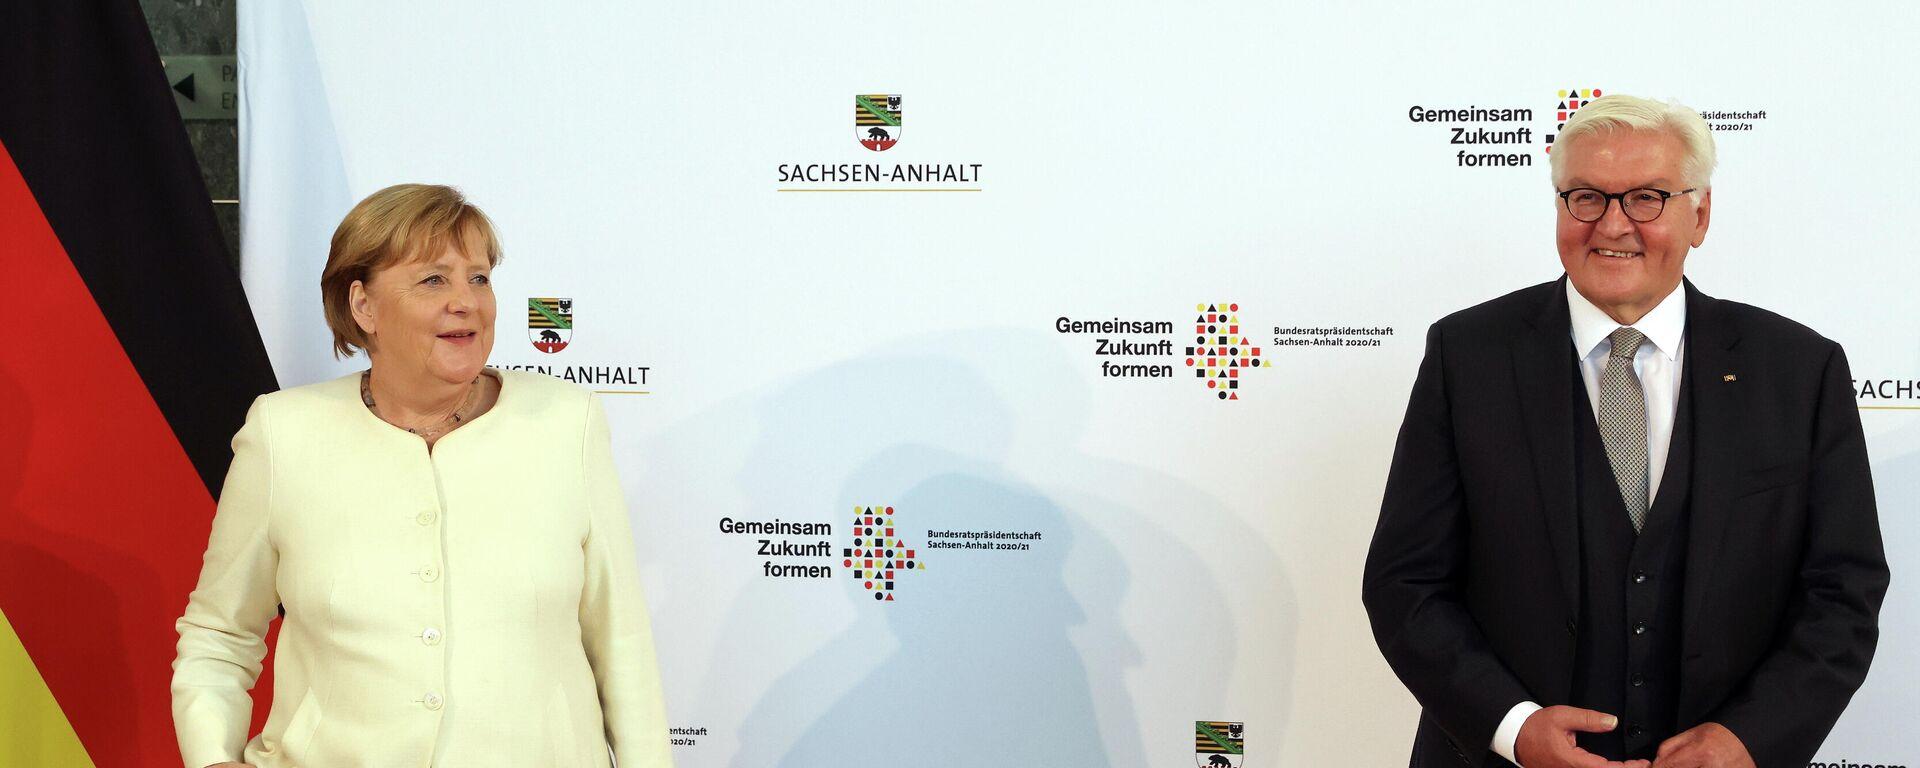 Merkel und Steinmeier bei Einheitsfeier in Halle am 3. Oktober 2021 - SNA, 1920, 03.10.2021